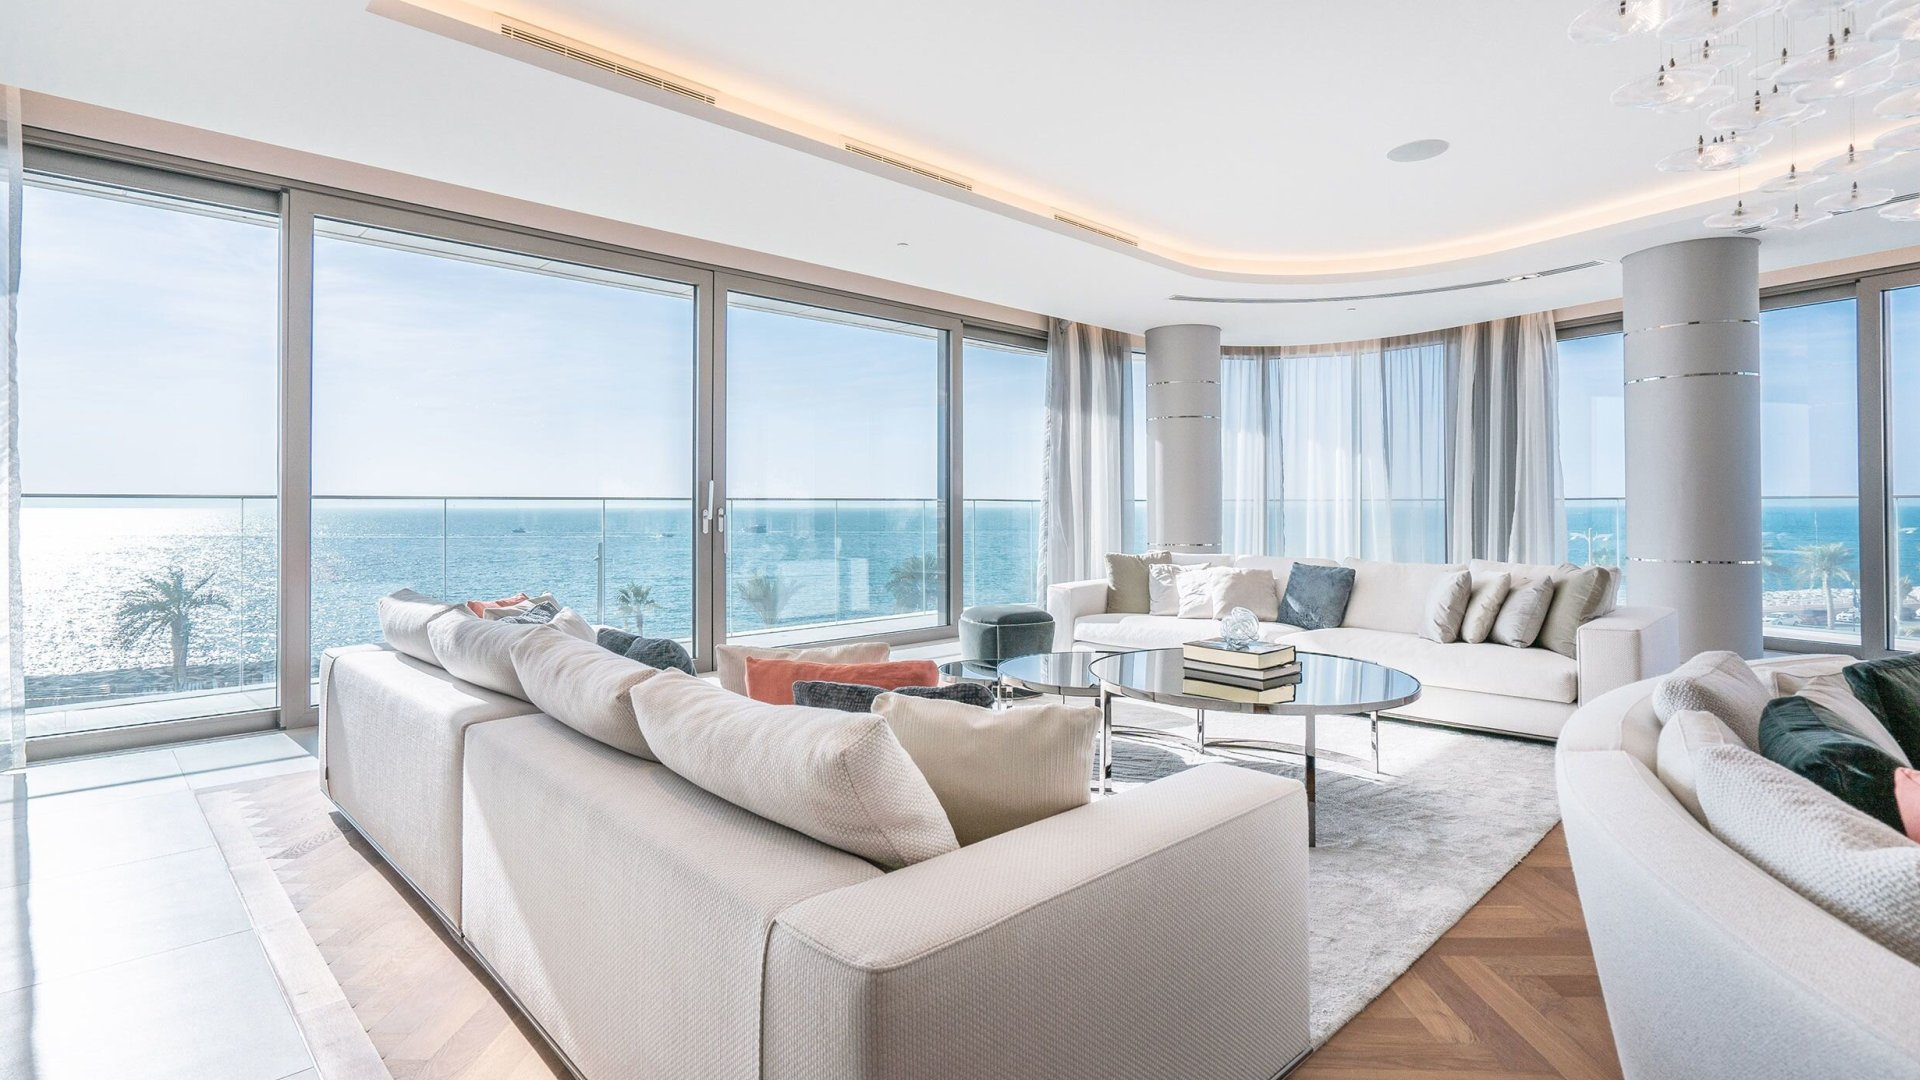 Apartamento en venta en Dubai, EAU, 3 dormitorios, 166 m2, № 24324 – foto 1